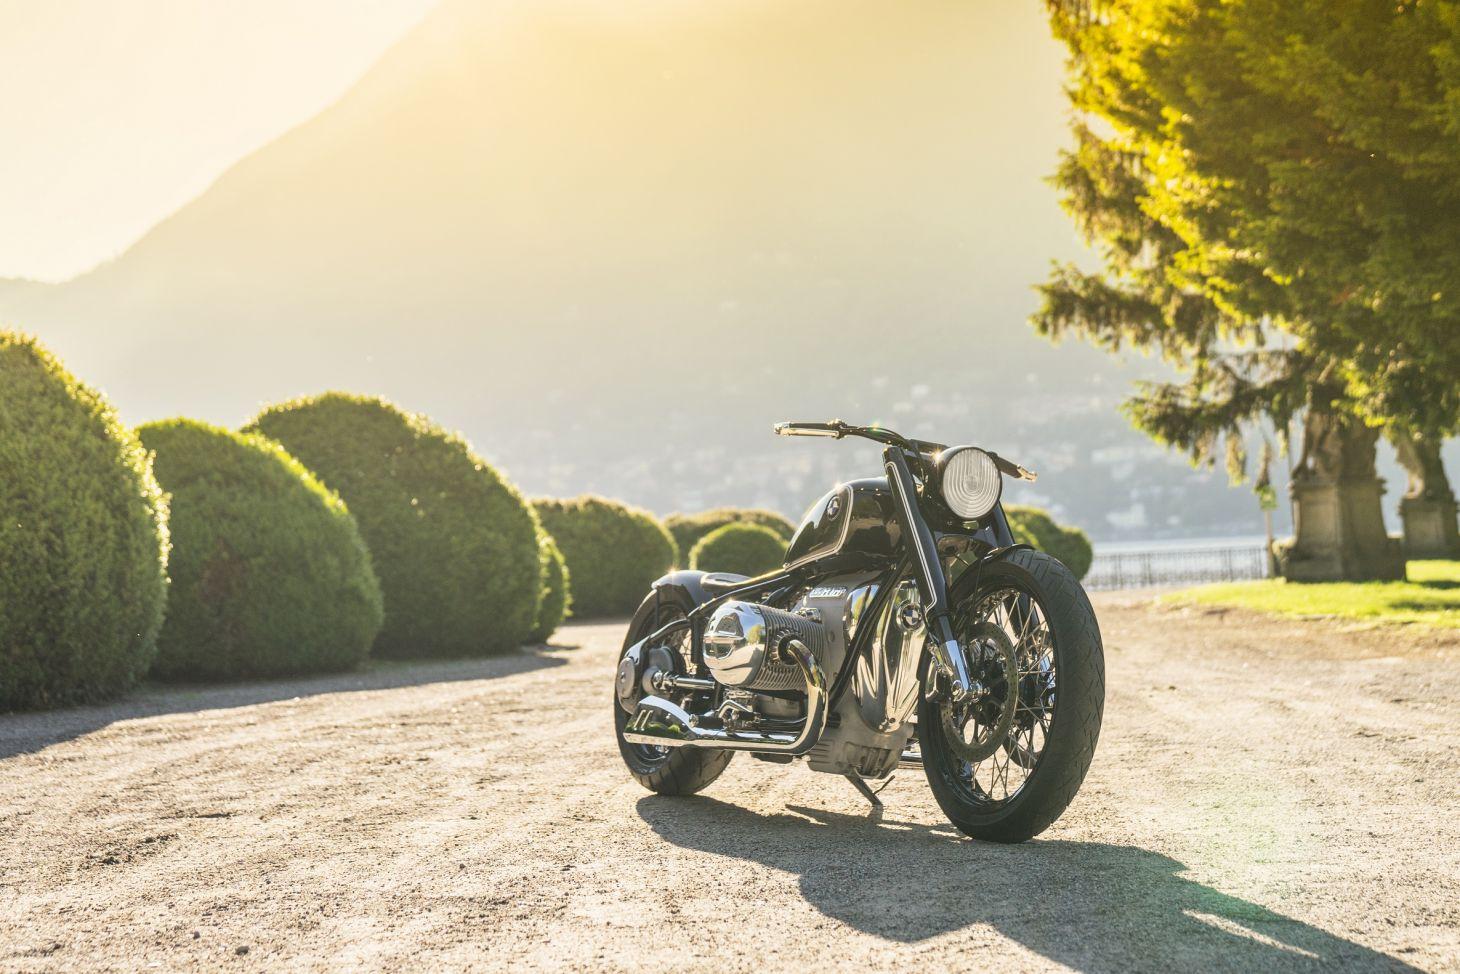 bmw r18 concept apresentada no Lago Como, na Itália